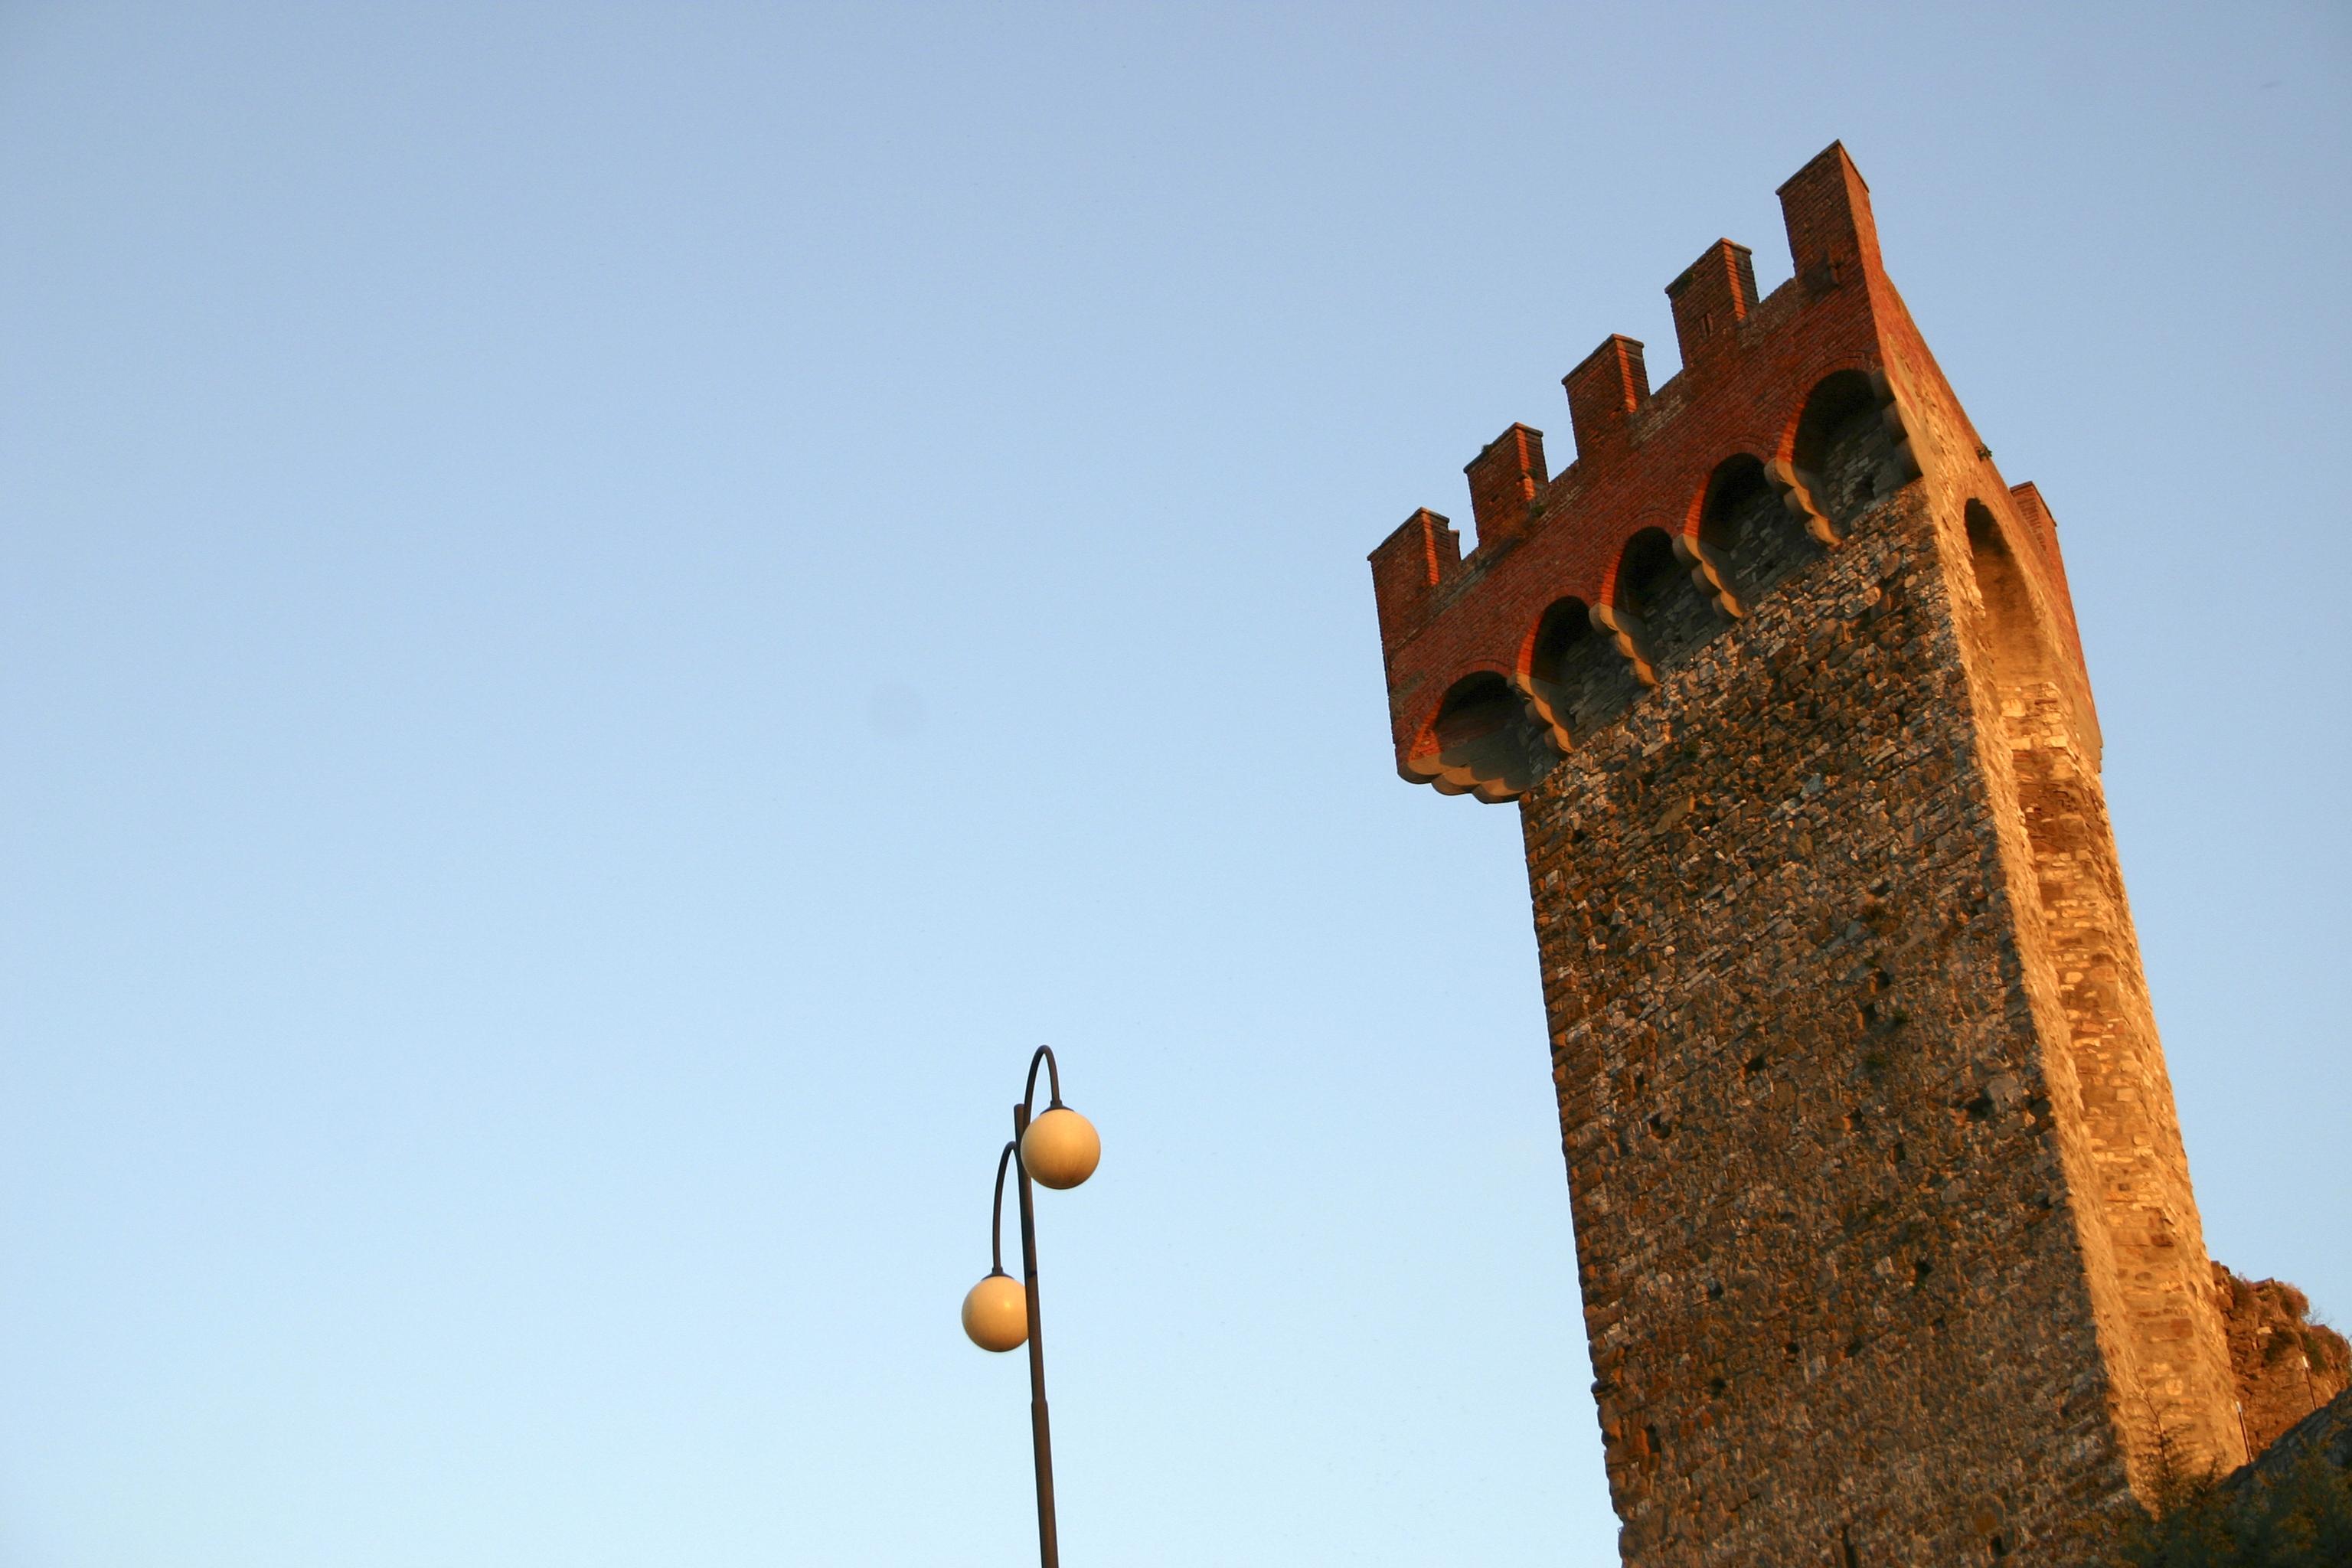 Light and Tower, Tresemeno, Italy